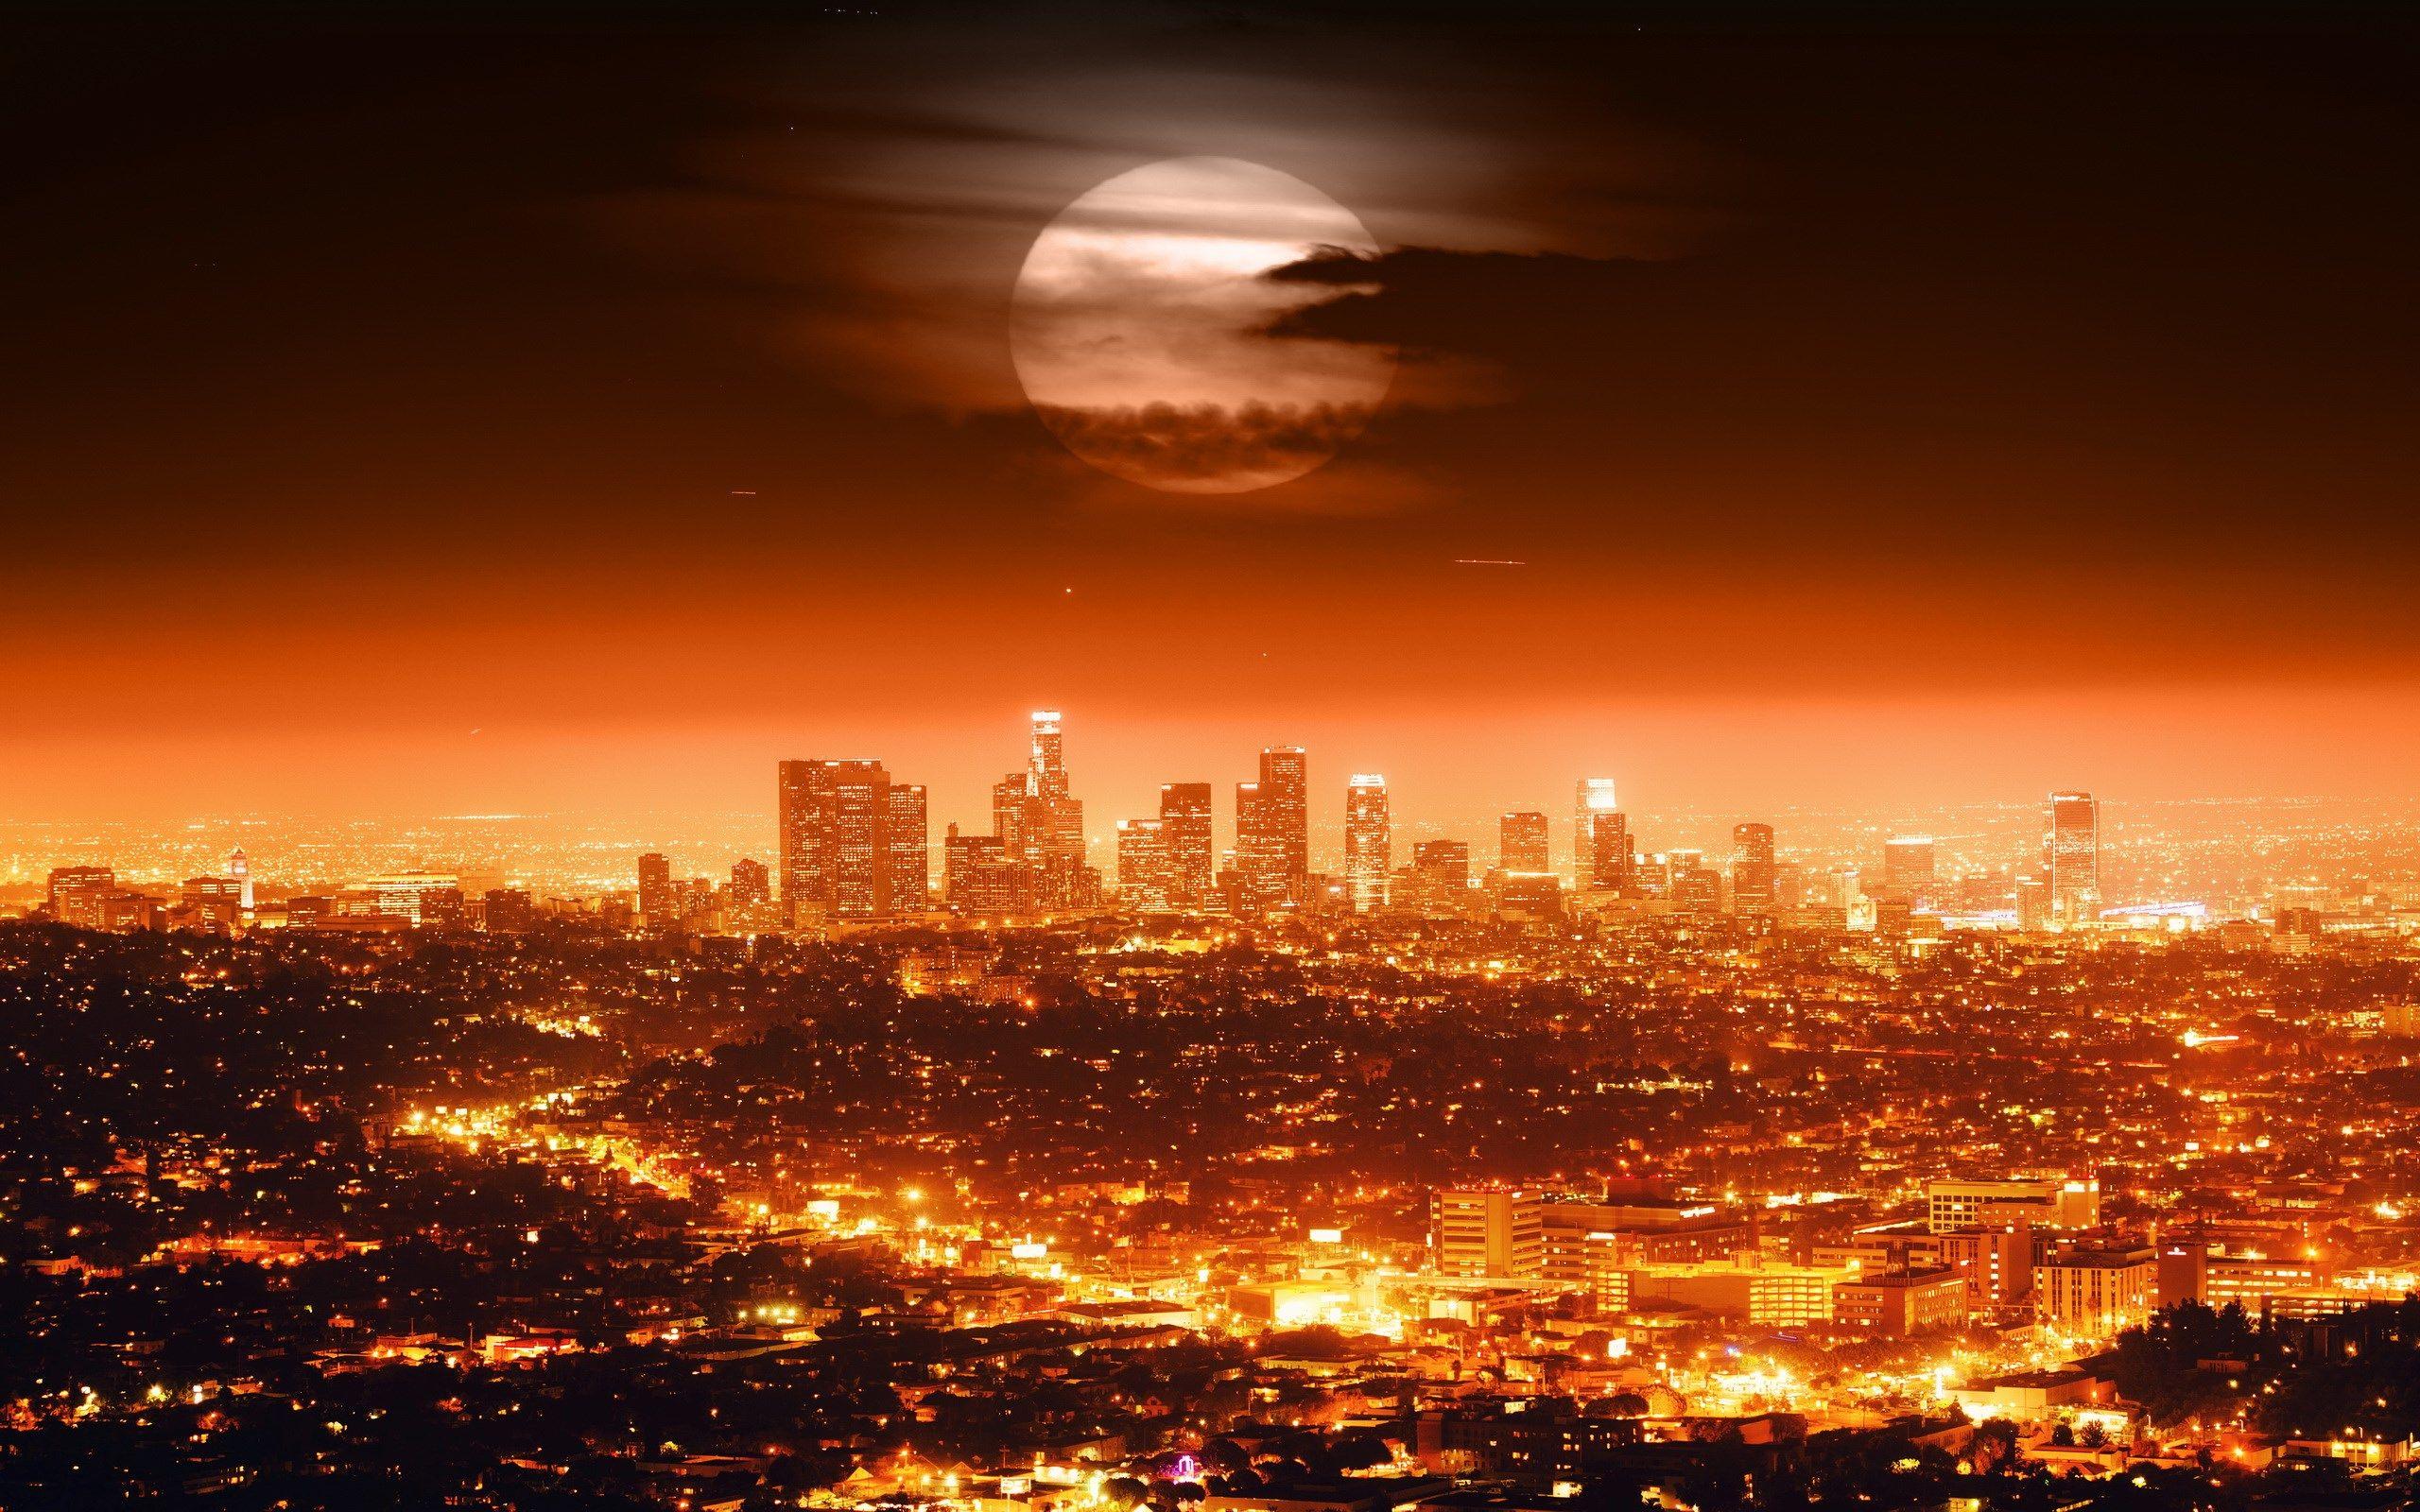 Hq Definition Wallpaper Desktop Los Angeles Los Angeles Skyline Los Angeles Wallpaper Los Angeles At Night